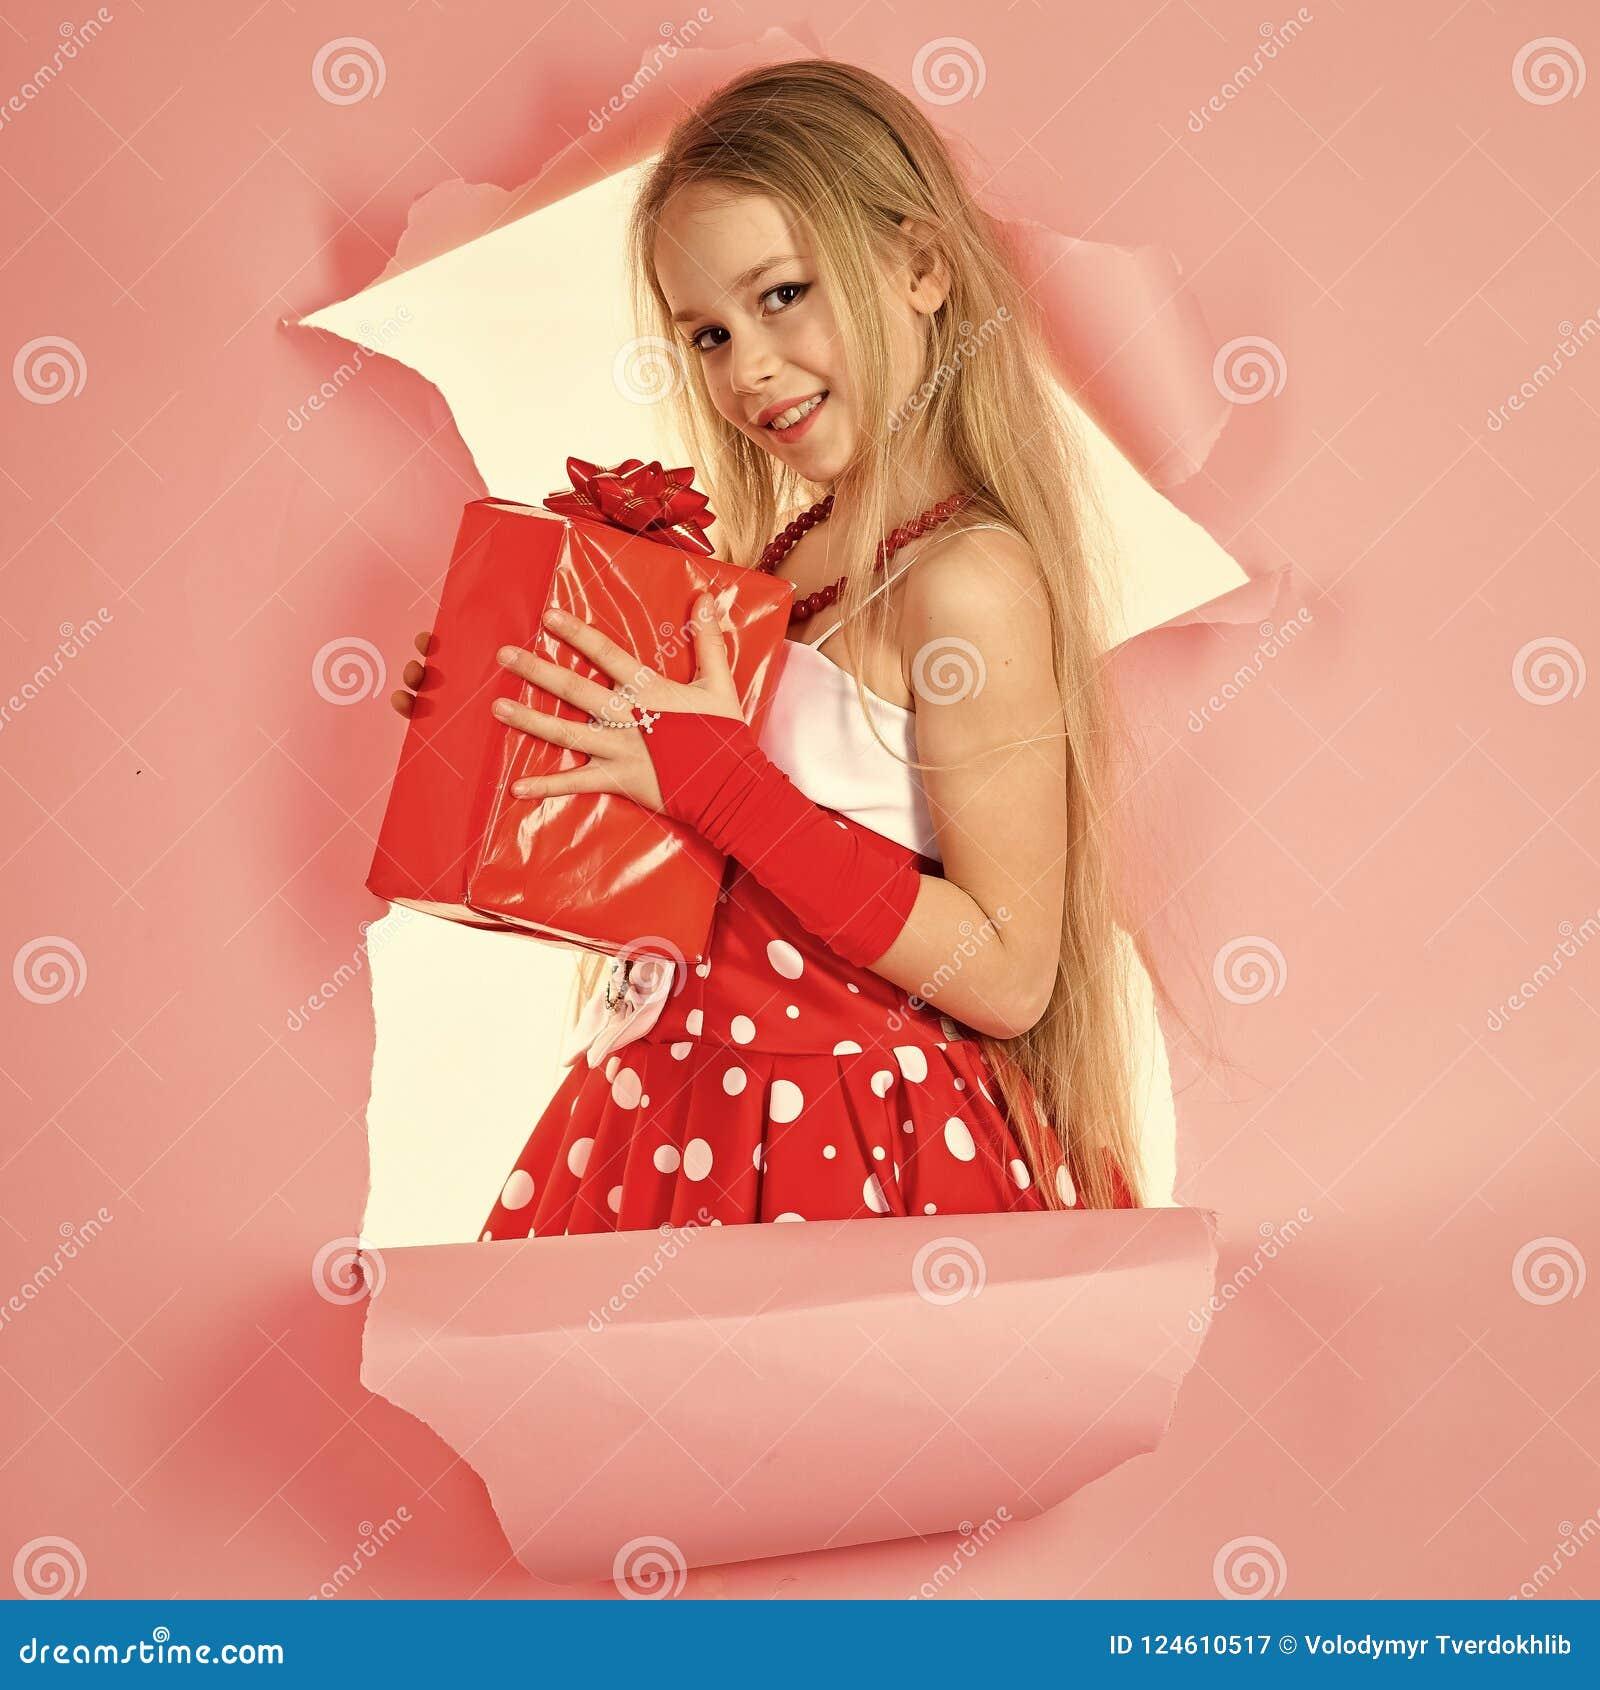 Kindheit und Glück, Geschenkbox Kindermädchen mit anwesendem Satz, Cyber Montag 26. Dezember, Feiertagsfeier und Partei